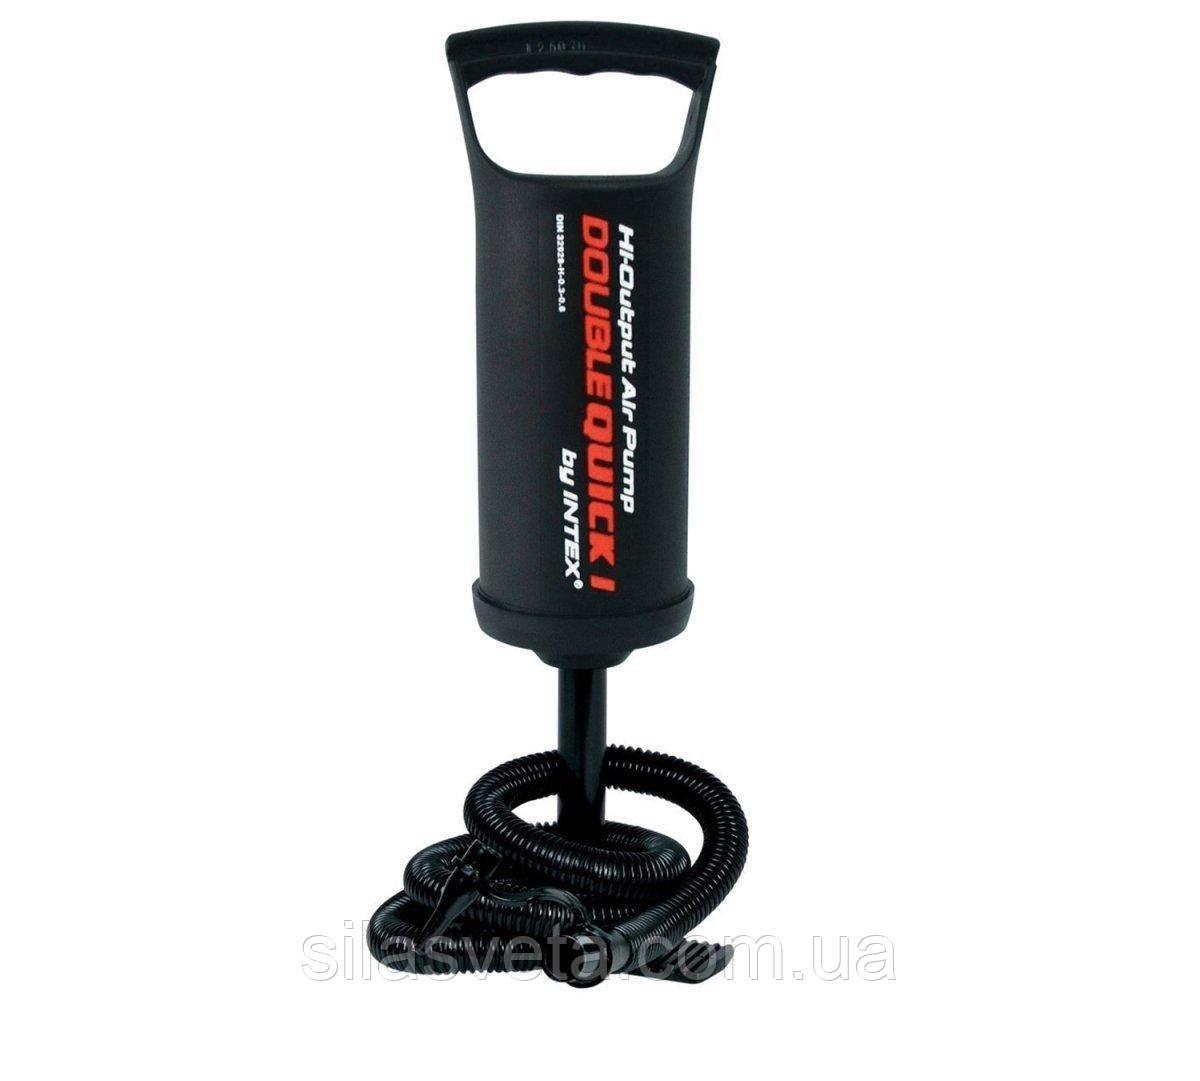 Ручной насос с тремя насадками, Intex 68612 Double Quick I Hand Pump, объем 0,9 л., высота 29 см.